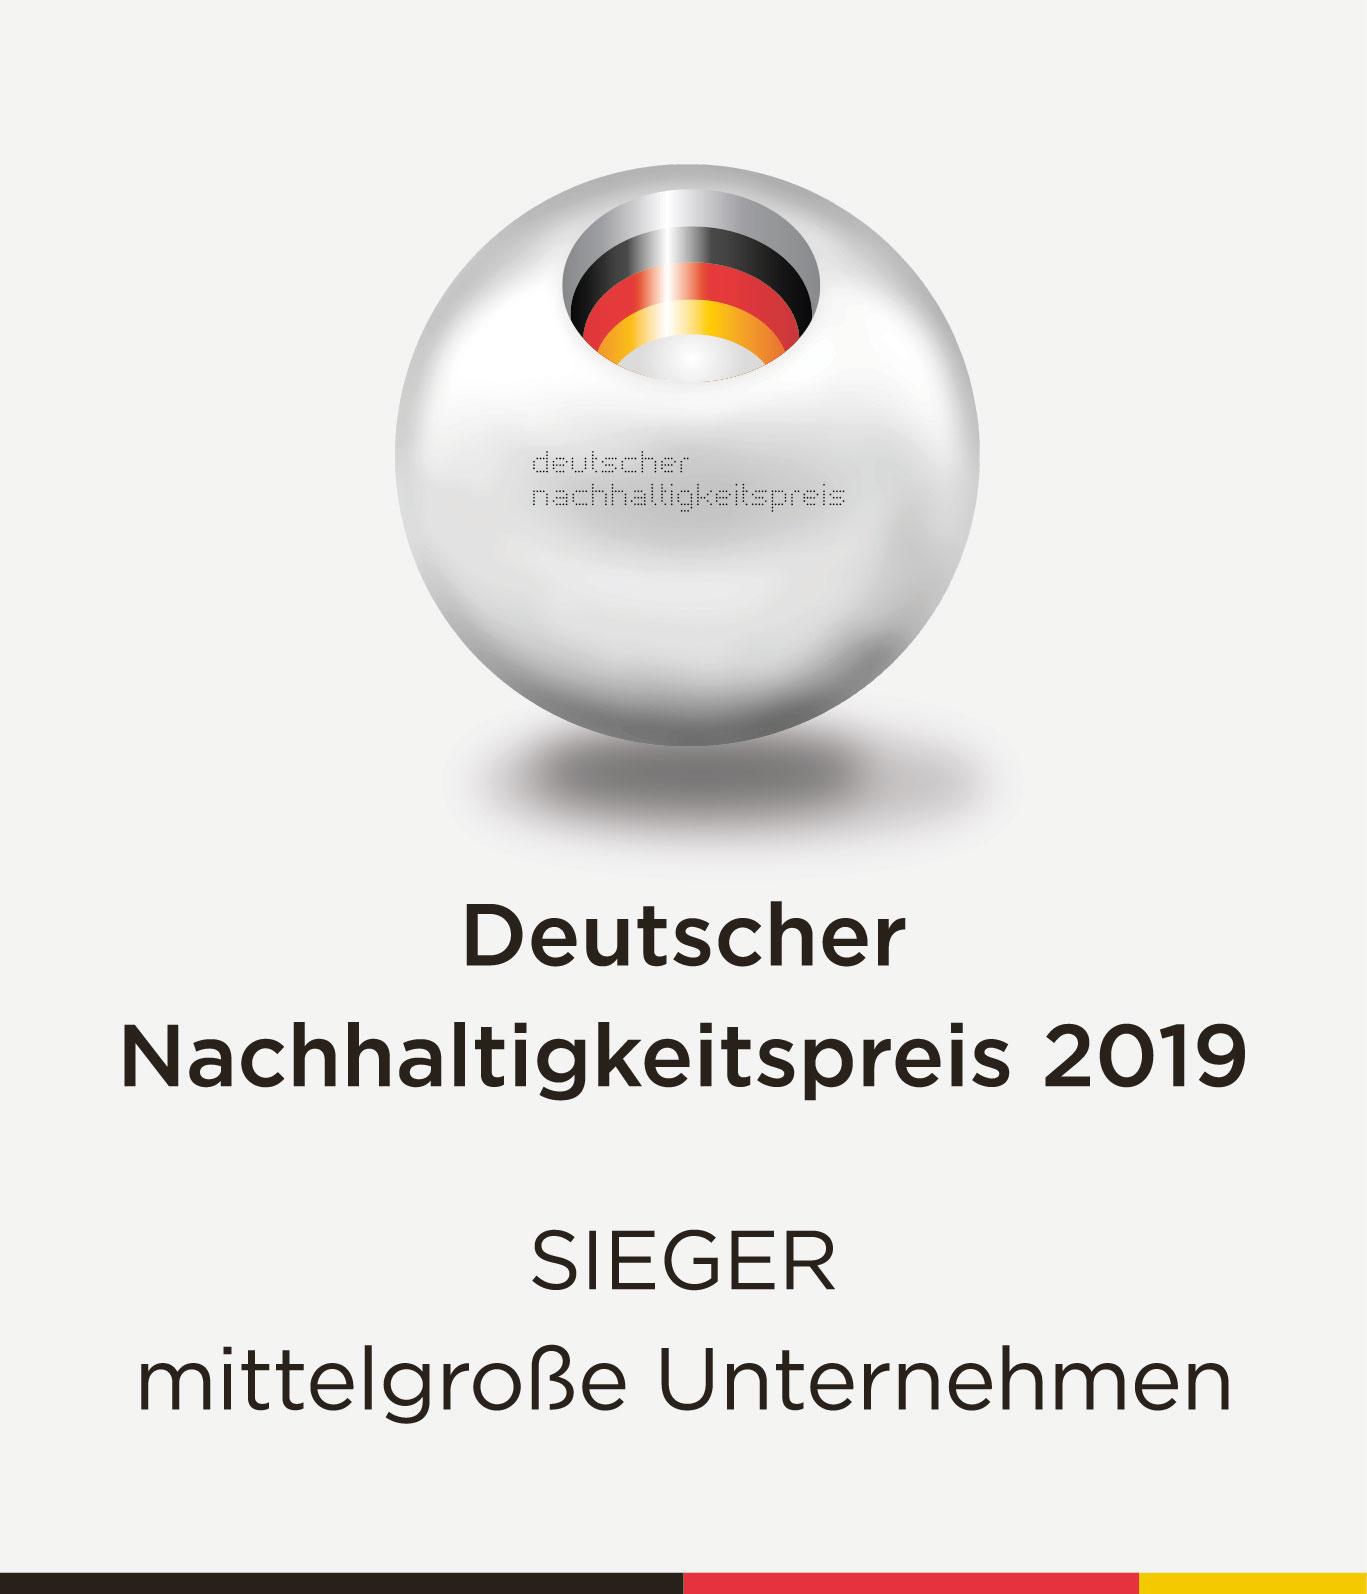 Die Molkerei Berchtesgadener Land wurde 2019 Sieger unter den mittelgroßen Unternehmen des Deutschen Nachhaltigkeitspreises.